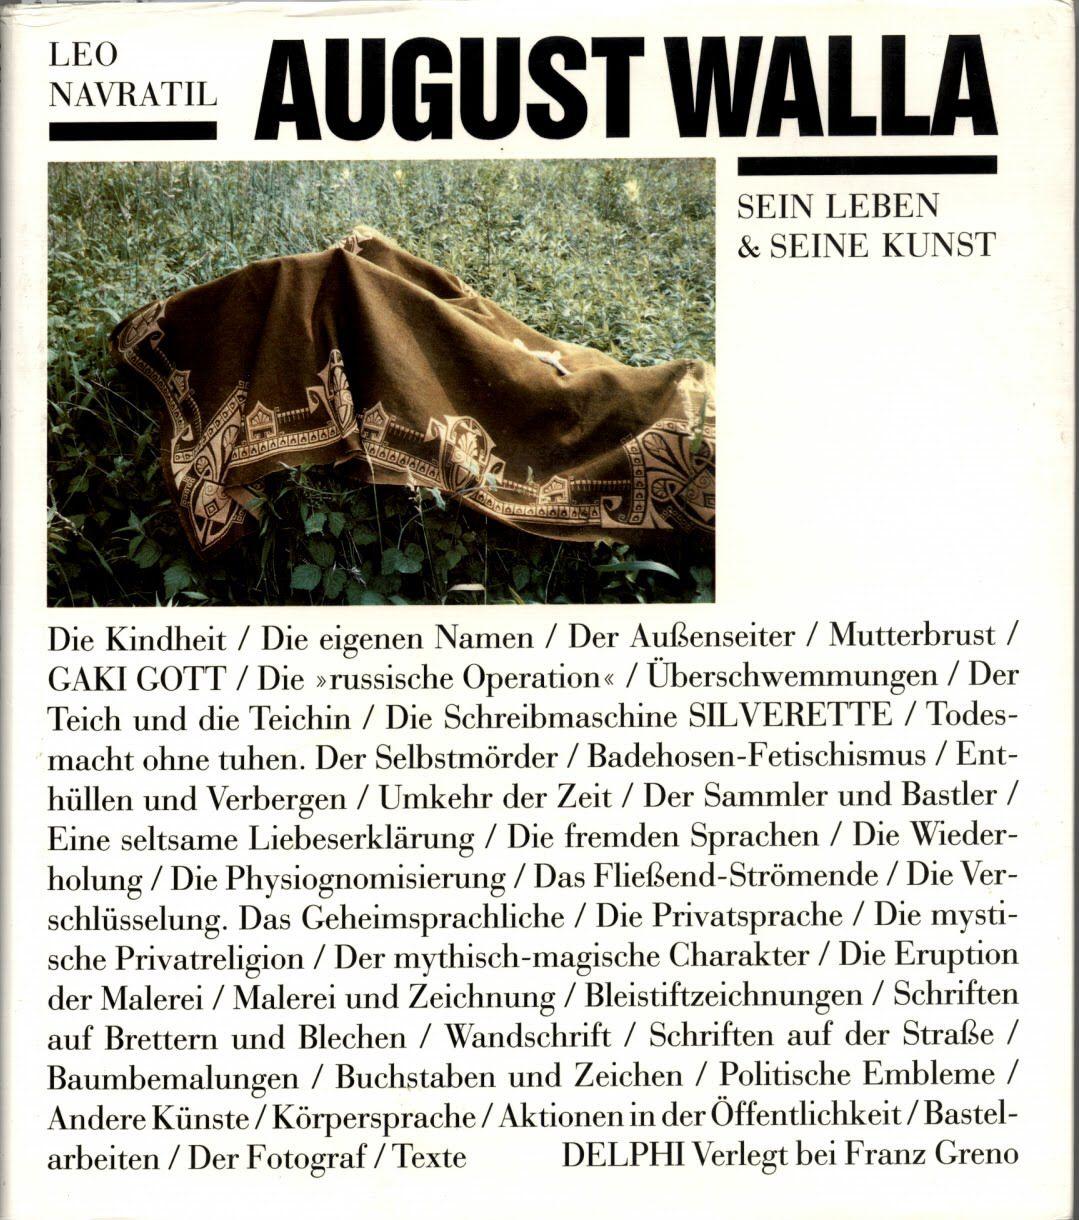 Leo Navratil, August Walla, Sein Leben & Seine Kunst, 233 pages, German, ed. Delphi bei Greno, 1988